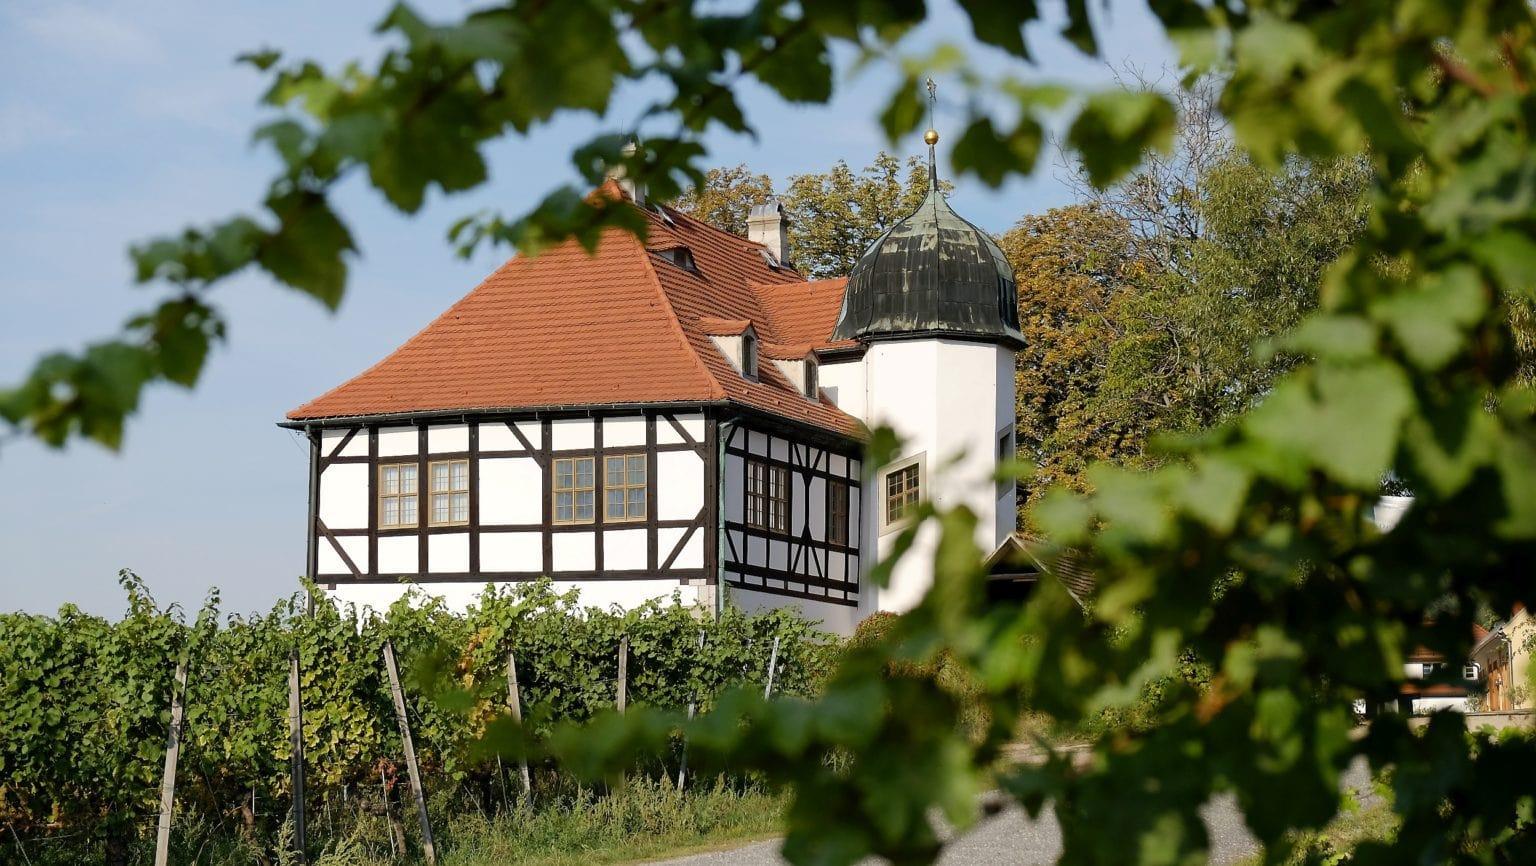 Wijngoed Hoflößnitz in Saksen is een van de onbekende attracties van de Duitse deelstaat